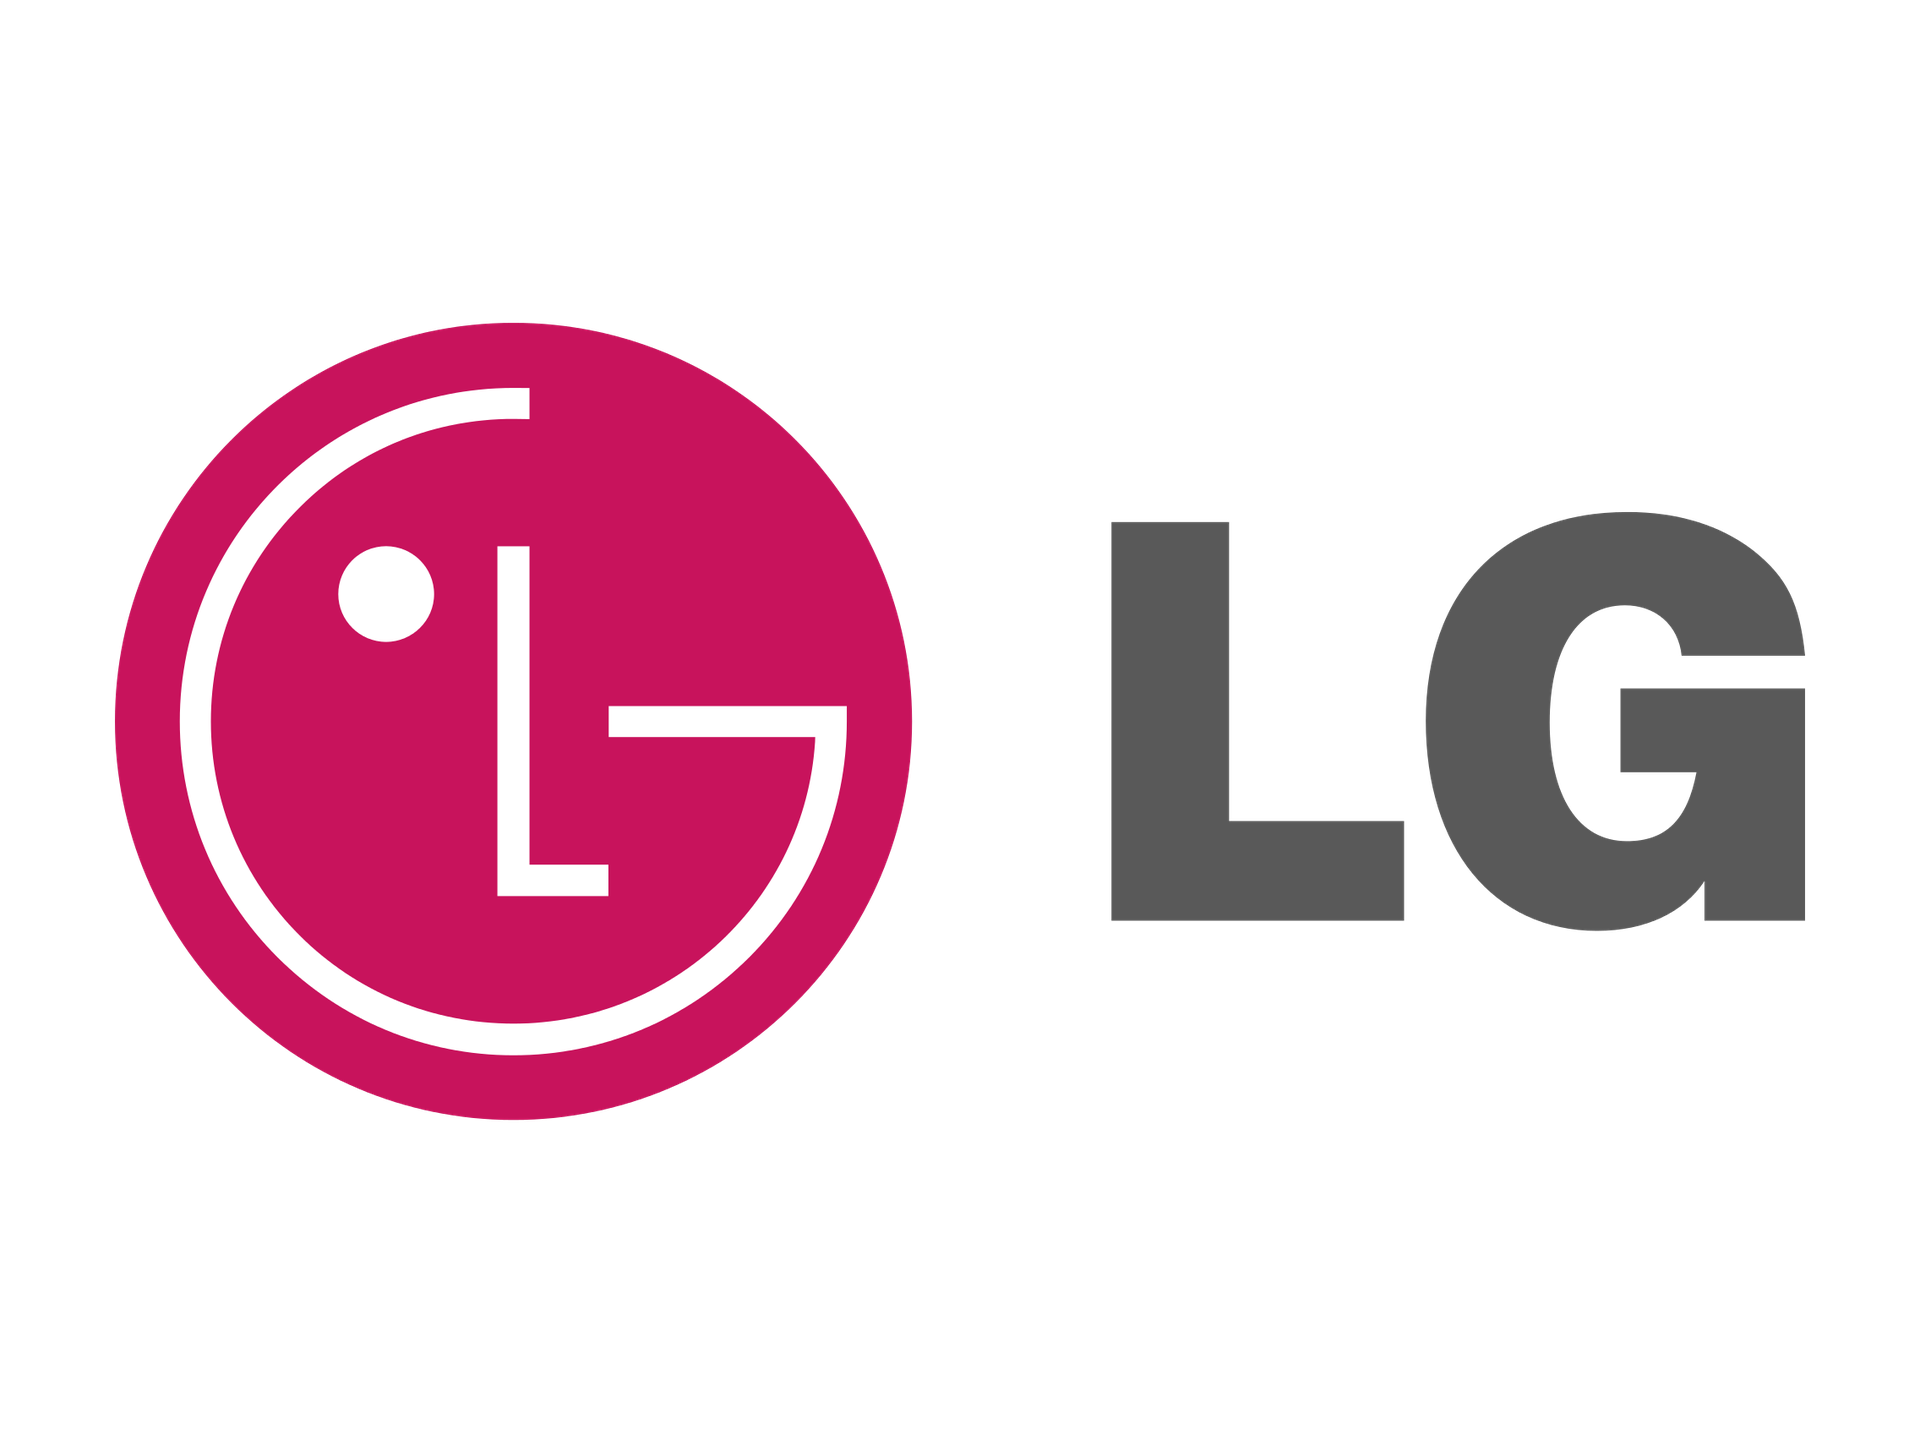 Lg Smart Tv Pdf Manual  Circuit Board Diagrams  Fault Codes